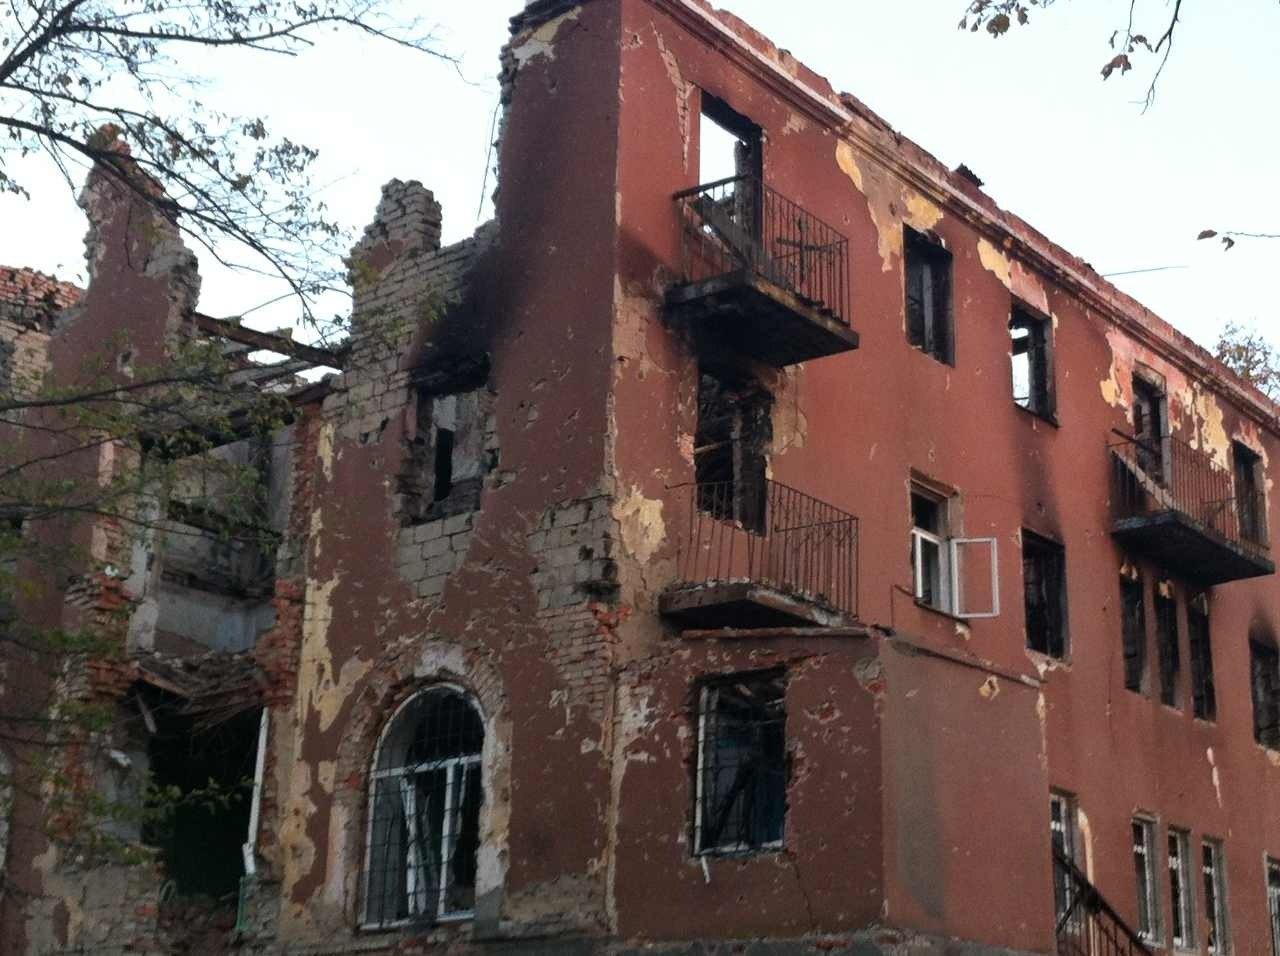 Донецьк, АТО, Дружківка, Україна, війна, Мені не байдуже, Акція, допомога, українці, волонтери, Схід, проект